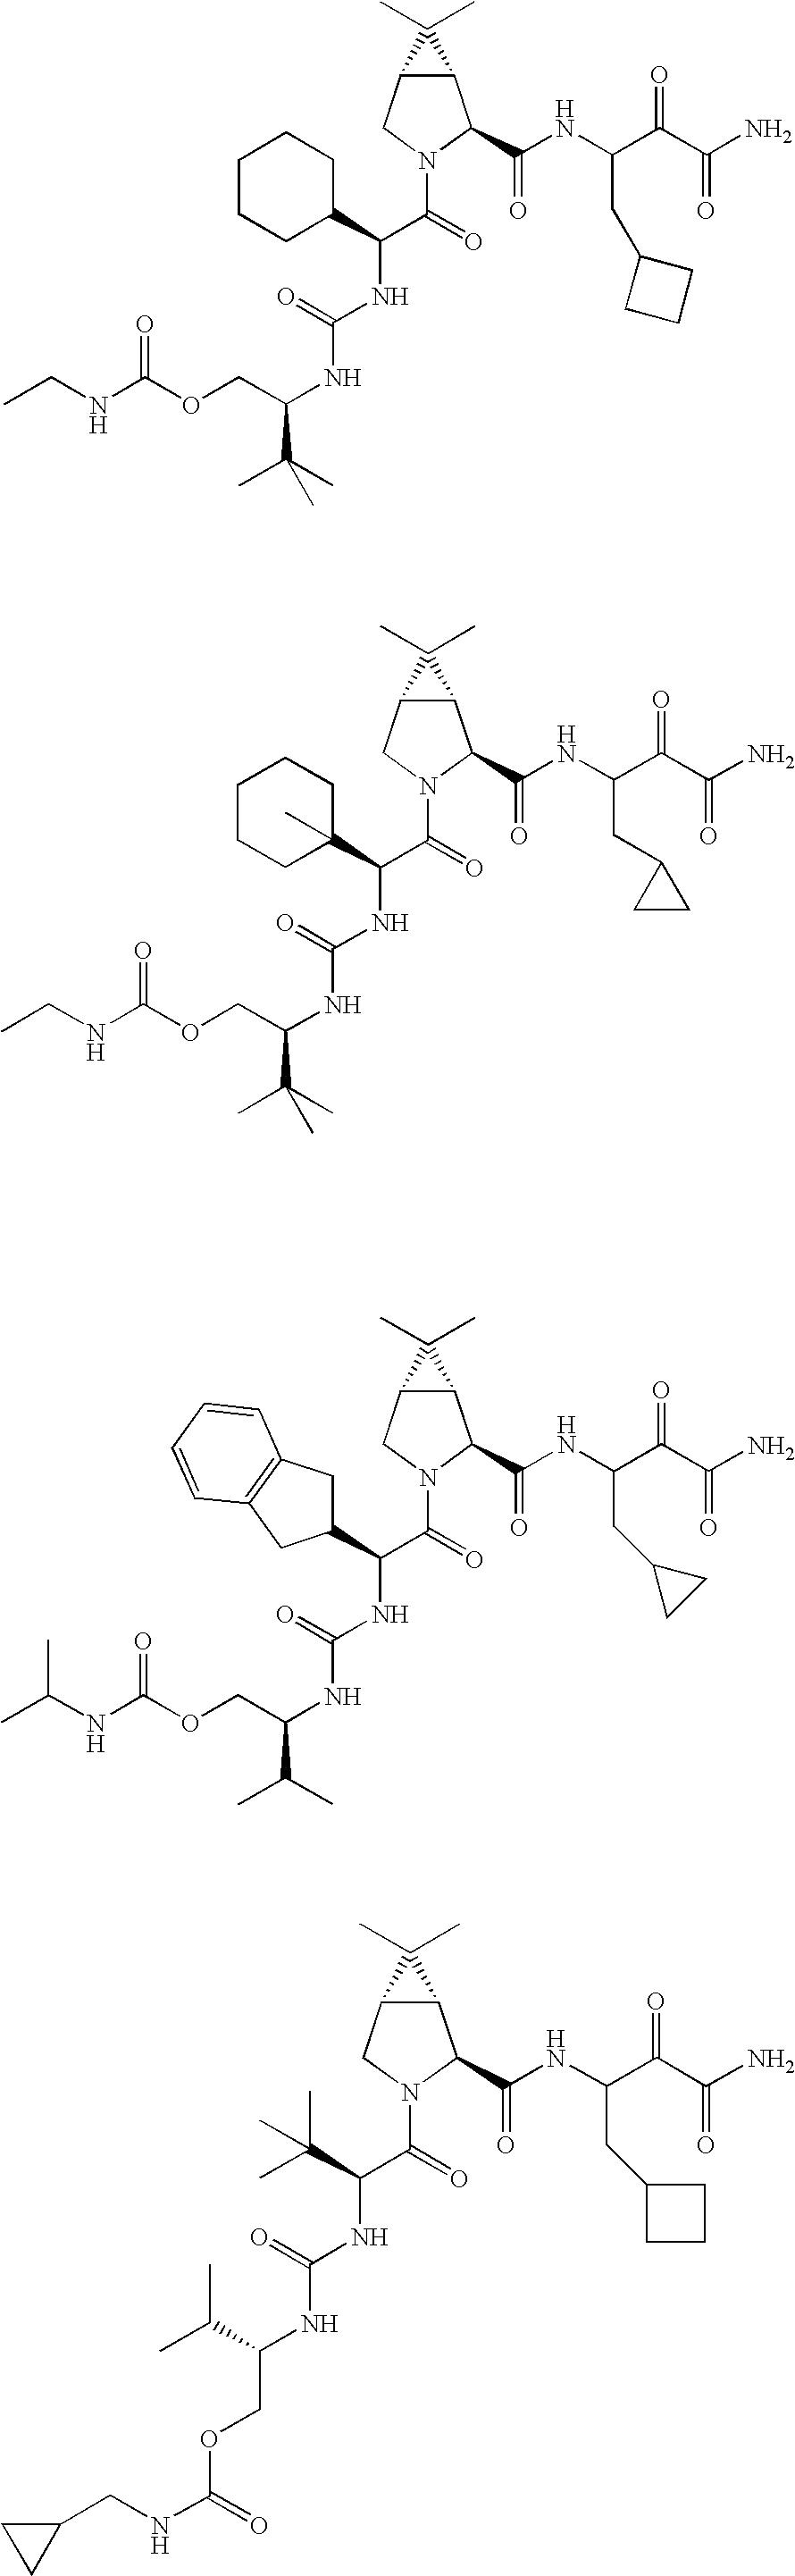 Figure US20060287248A1-20061221-C00369